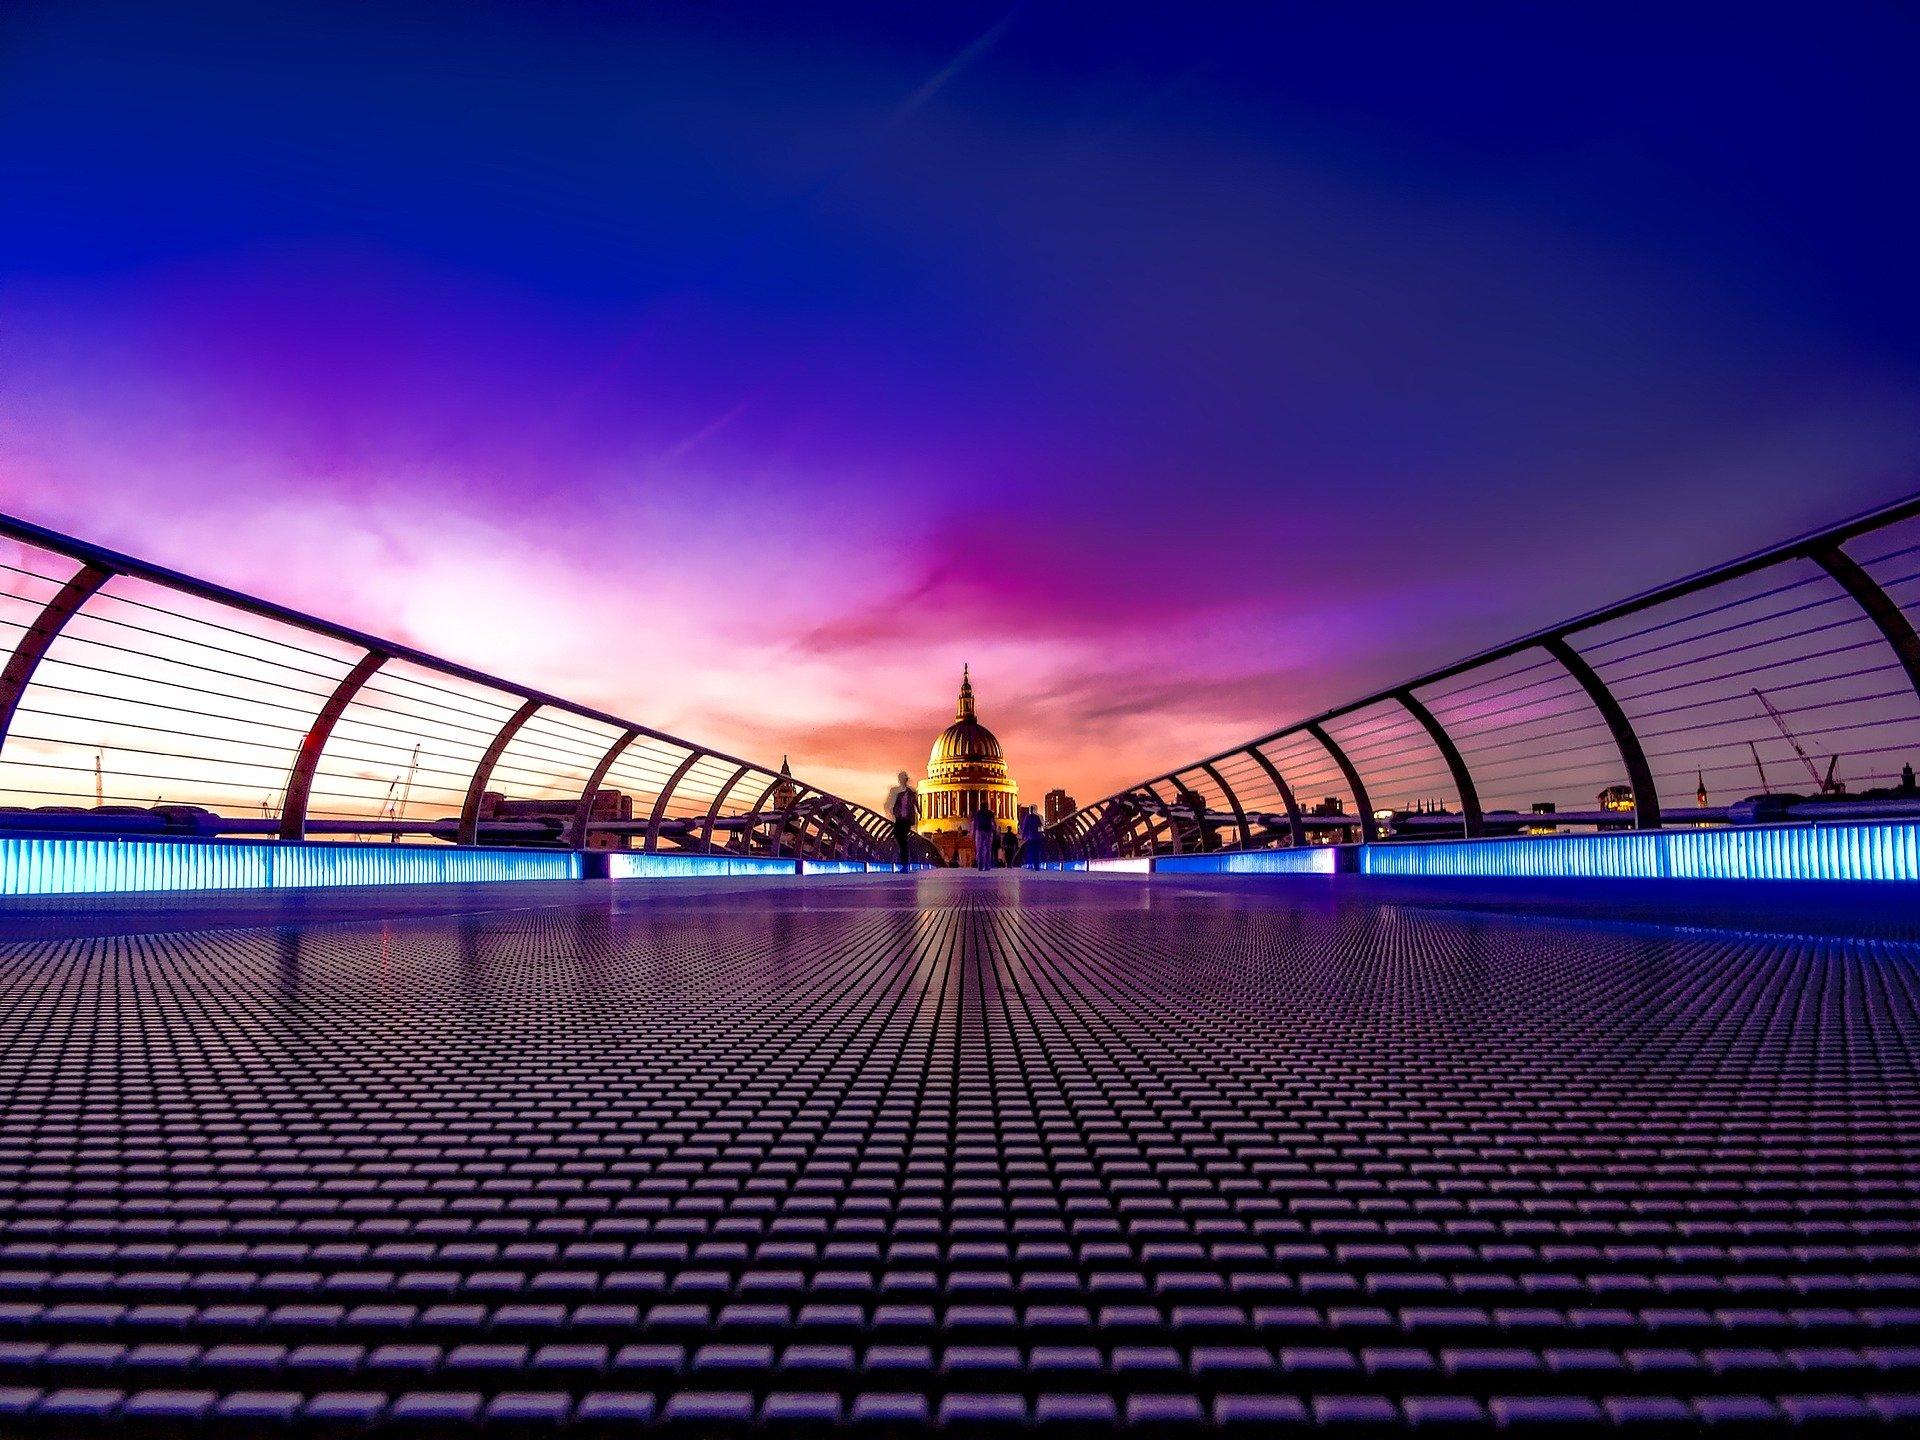 Millennium Bridge at Sunset, London